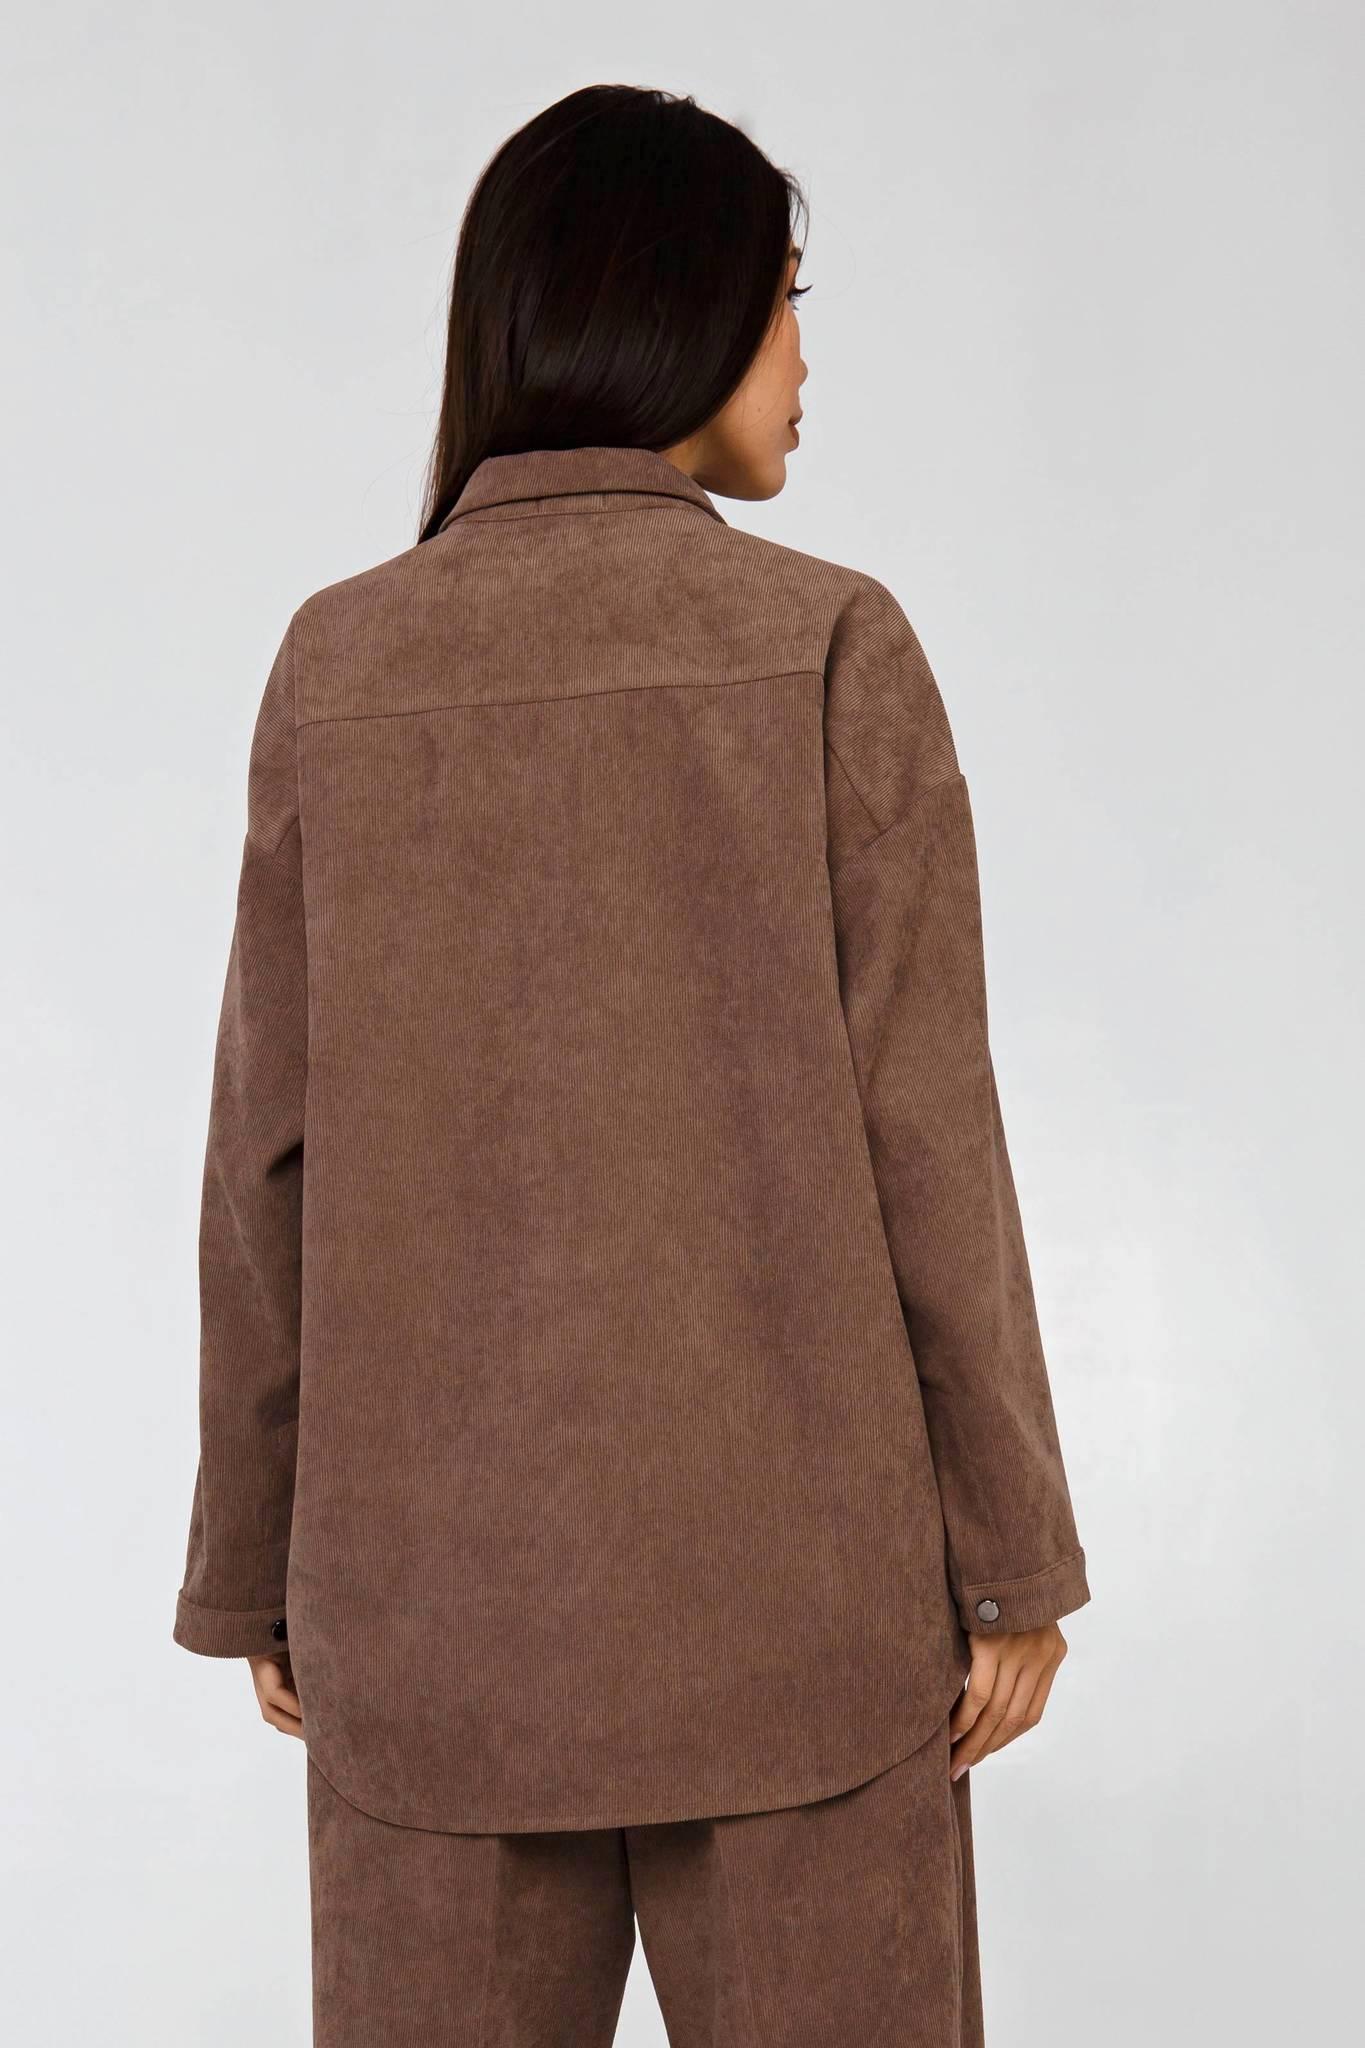 Вельветовый костюм в рубчик коричневый YOS от украинского бренда Your Own Style